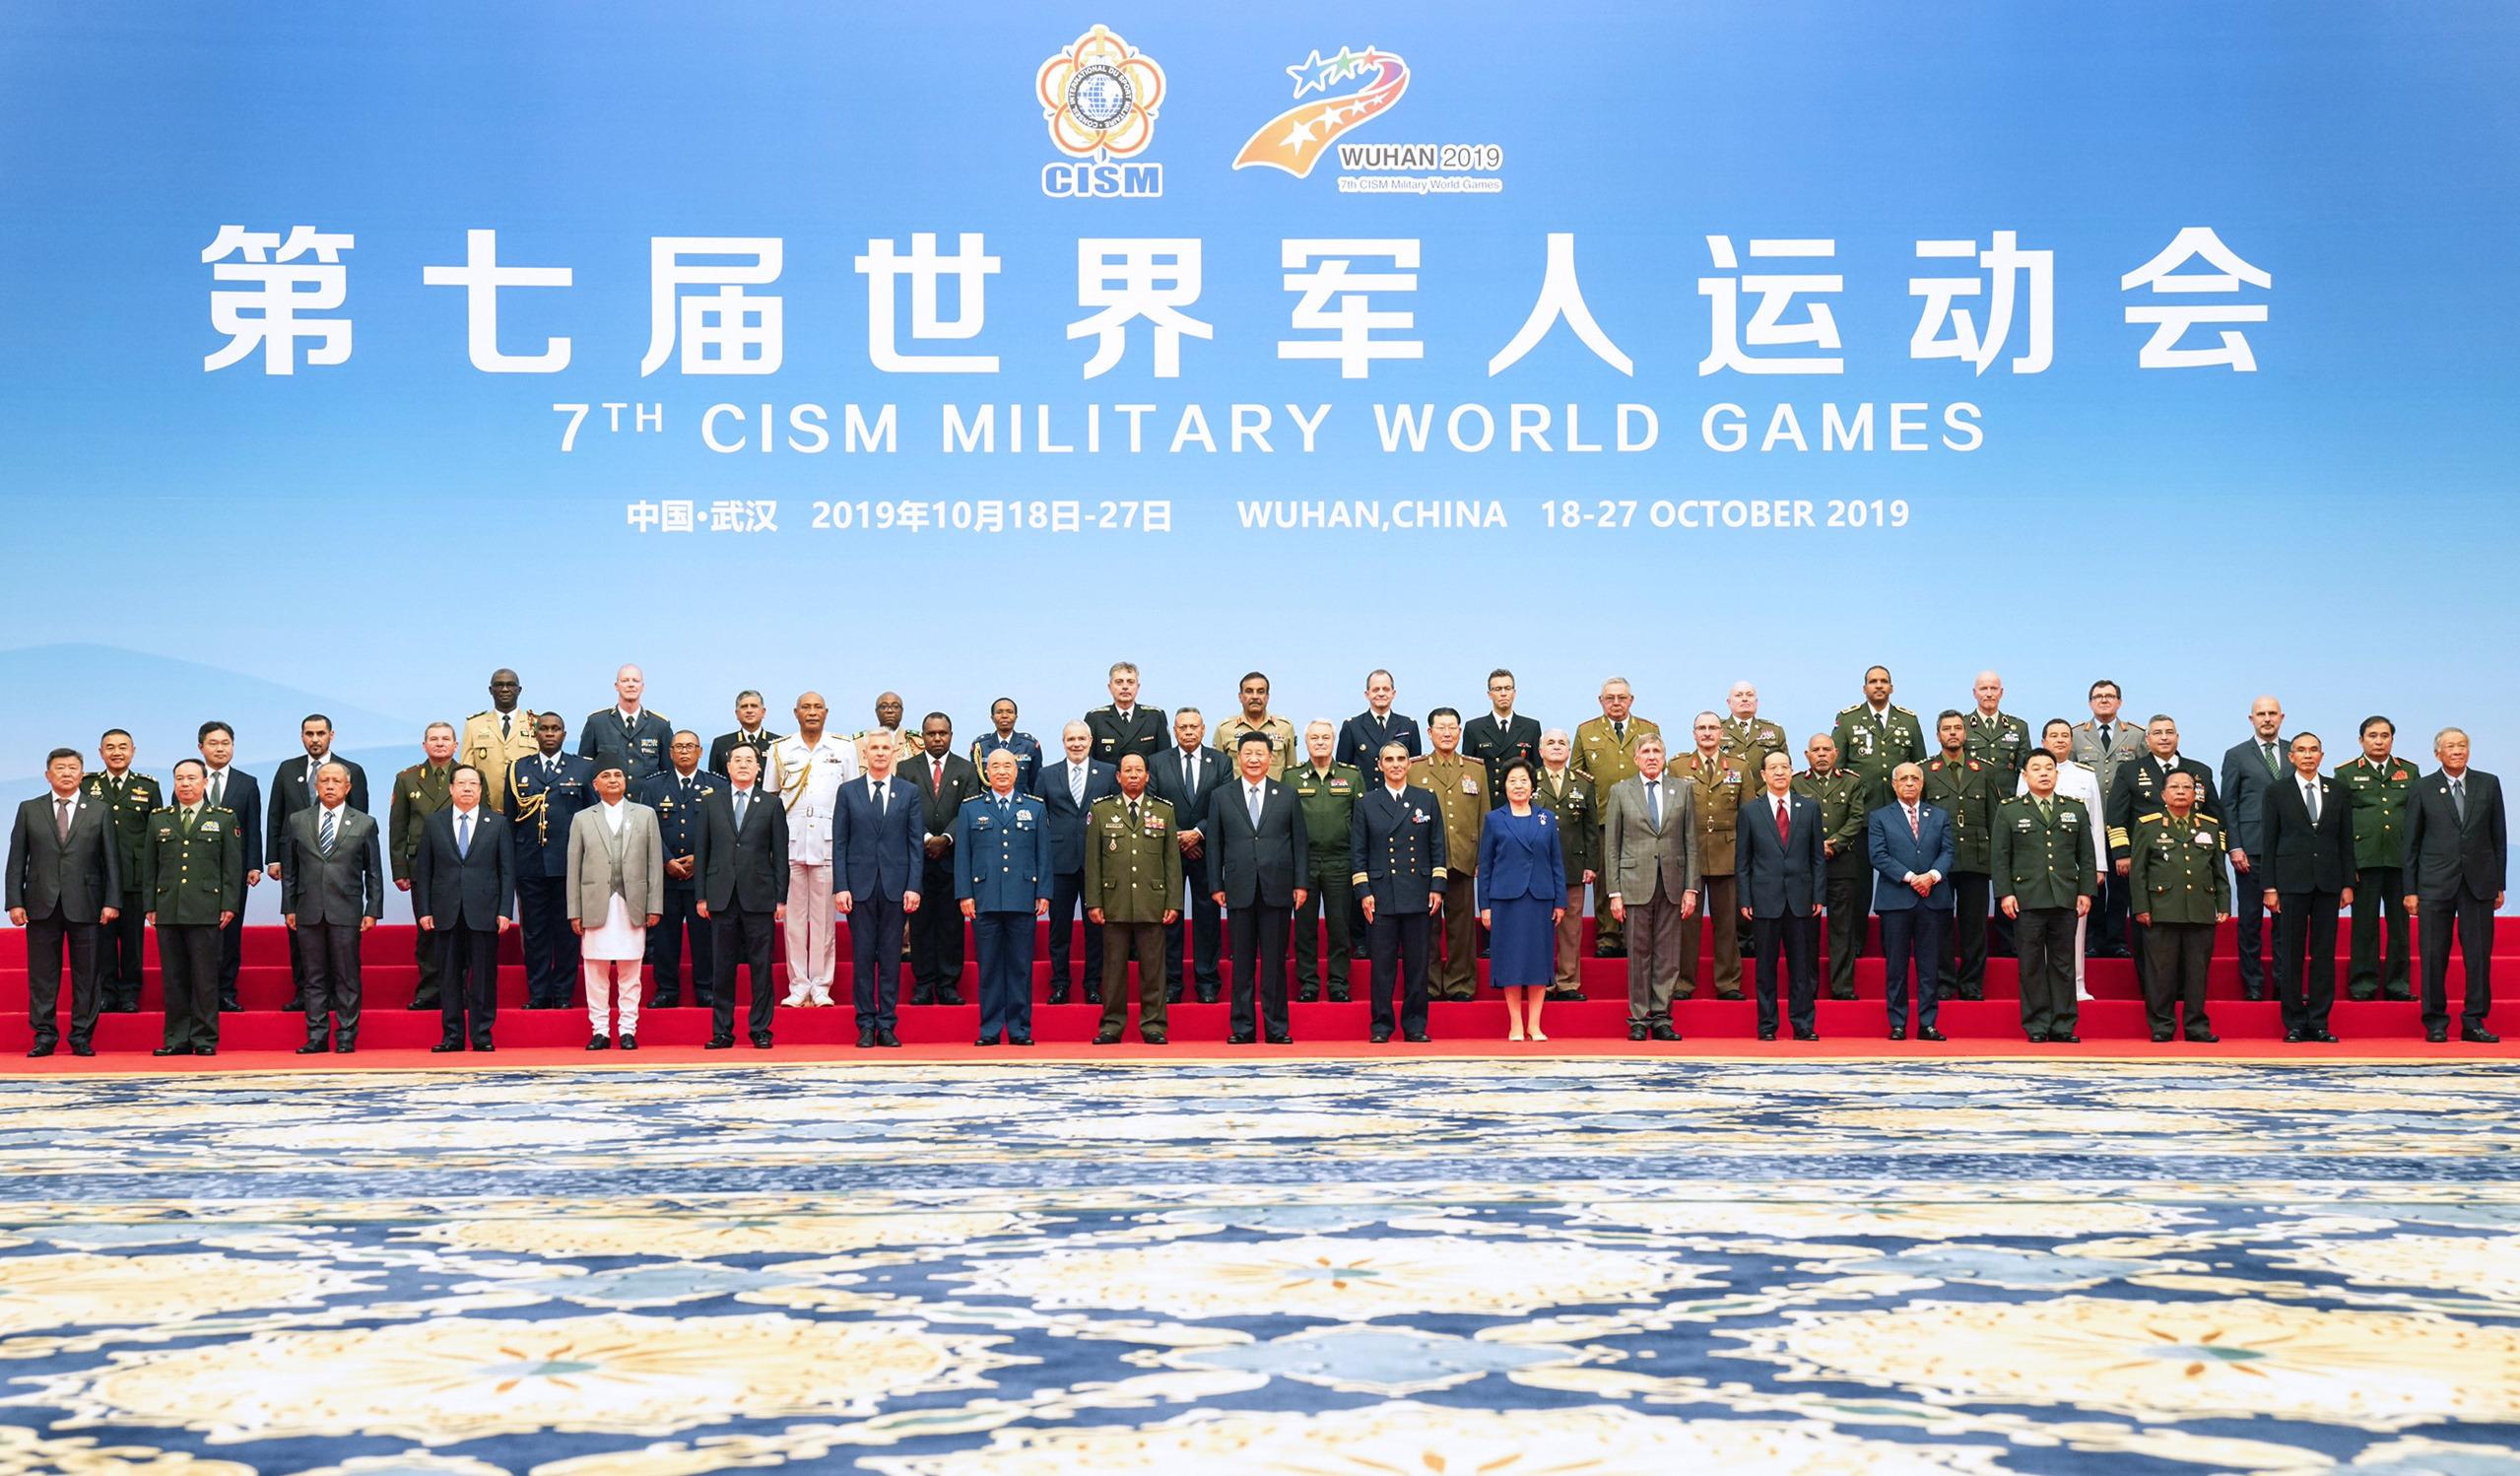 Xi destaca paz y amistad en Juegos Mundiales Militares